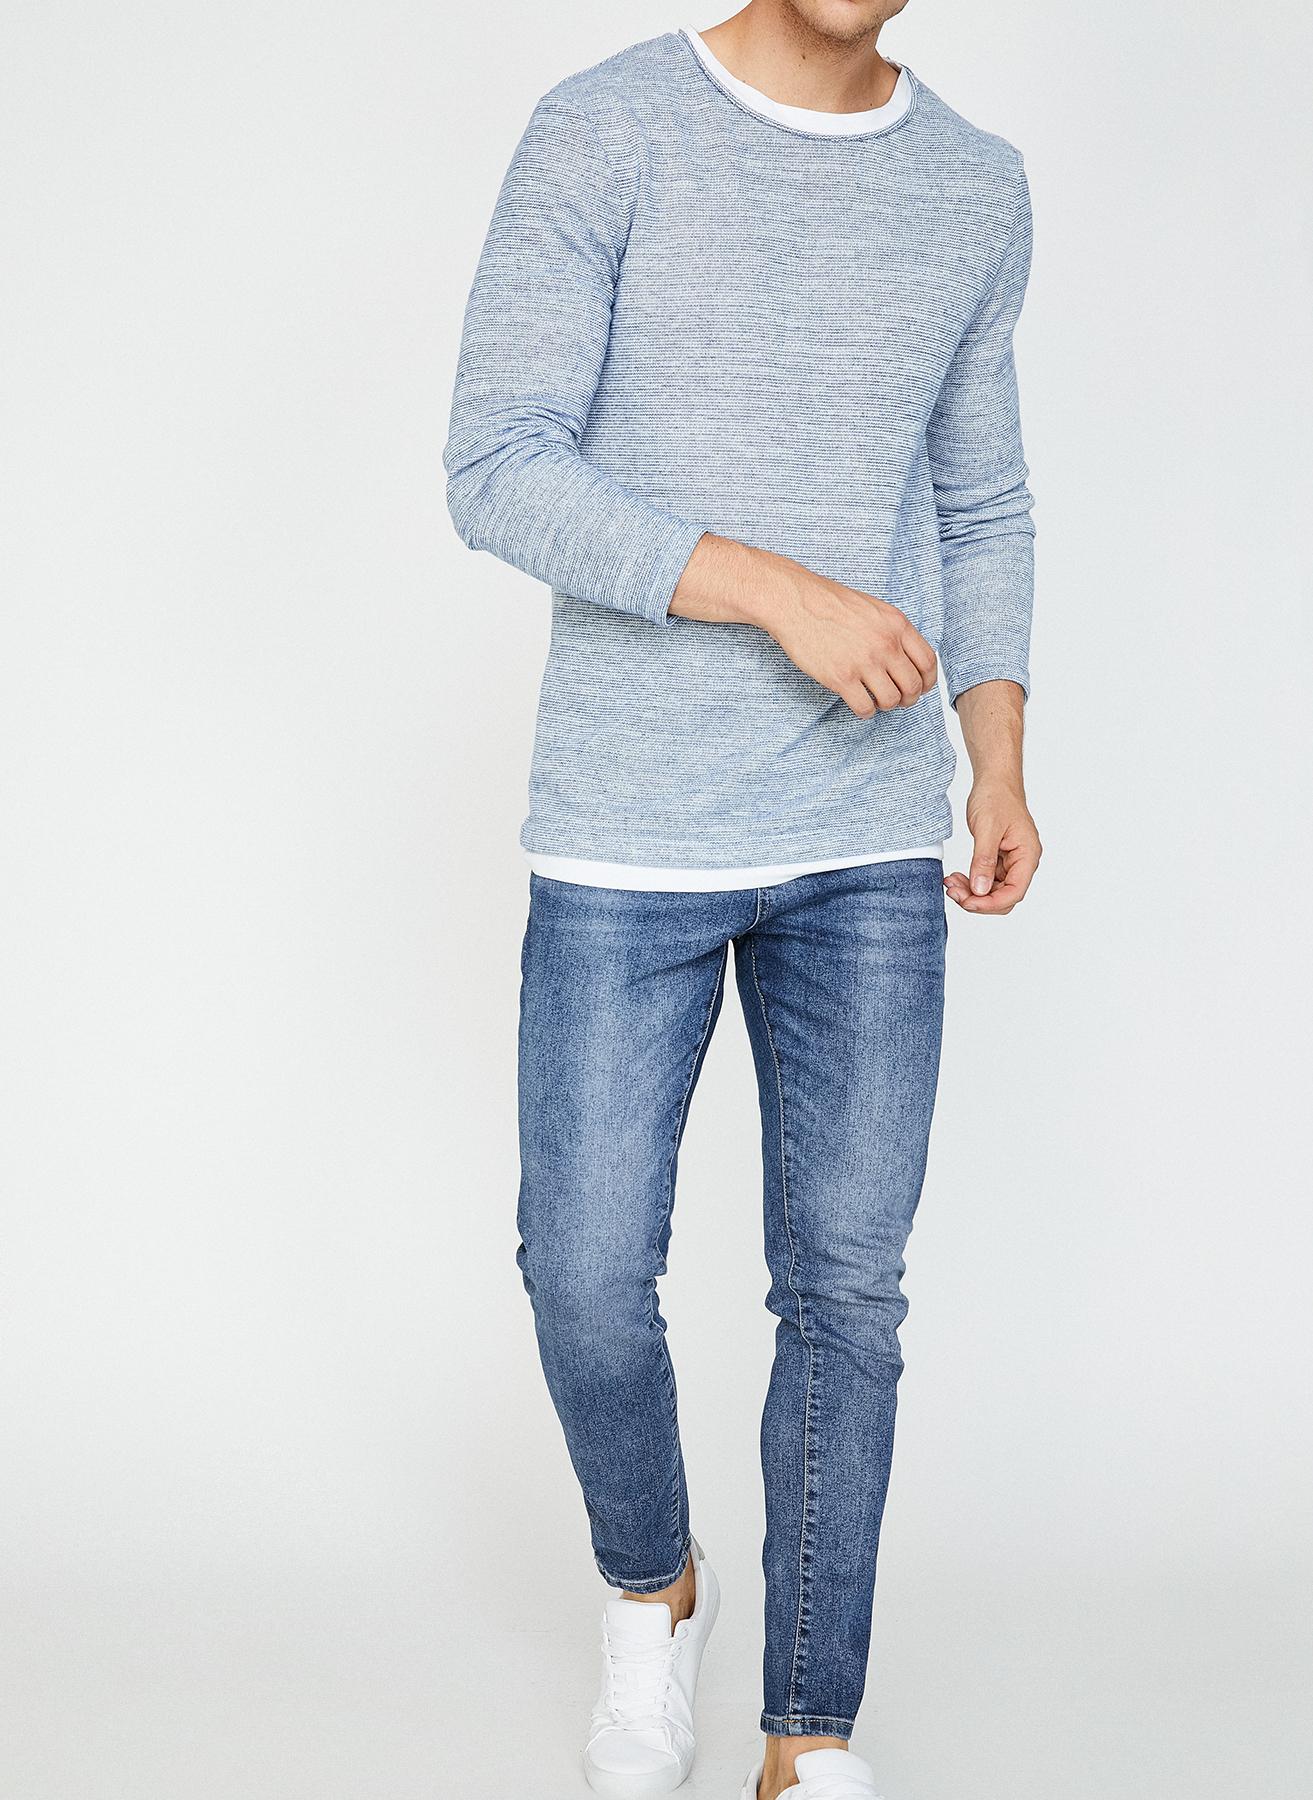 Koton Mavi Klasik Pantolon 33-32 5001703968010 Ürün Resmi